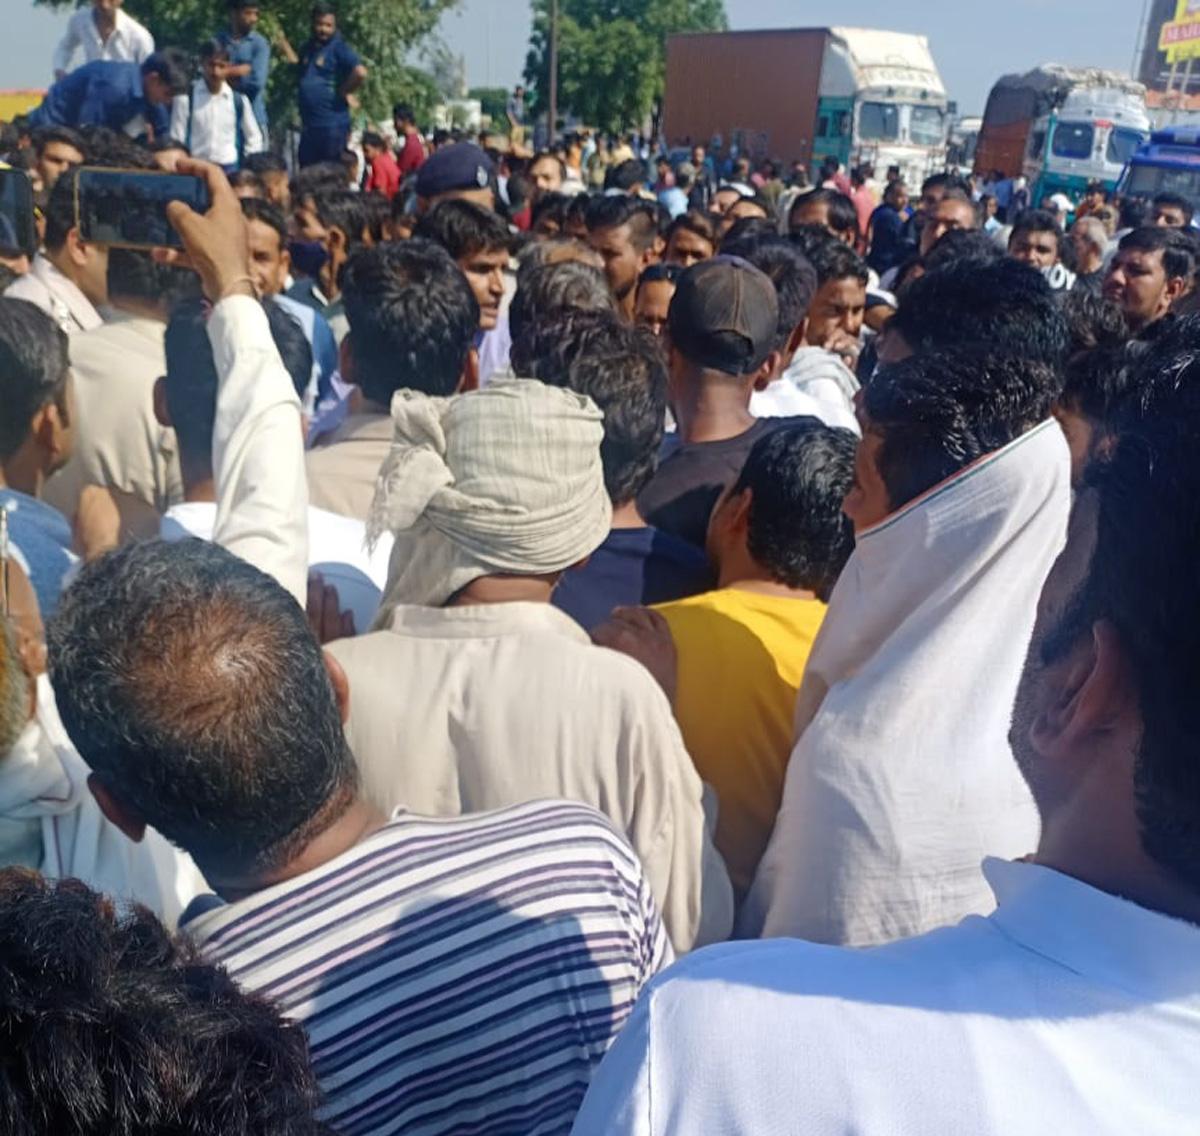 वाहन की टक्कर से बाइक सवार की मौत, गुस्साए ग्रामीणों ने लगाया जाम|पलवल,Palwal - Dainik Bhaskar